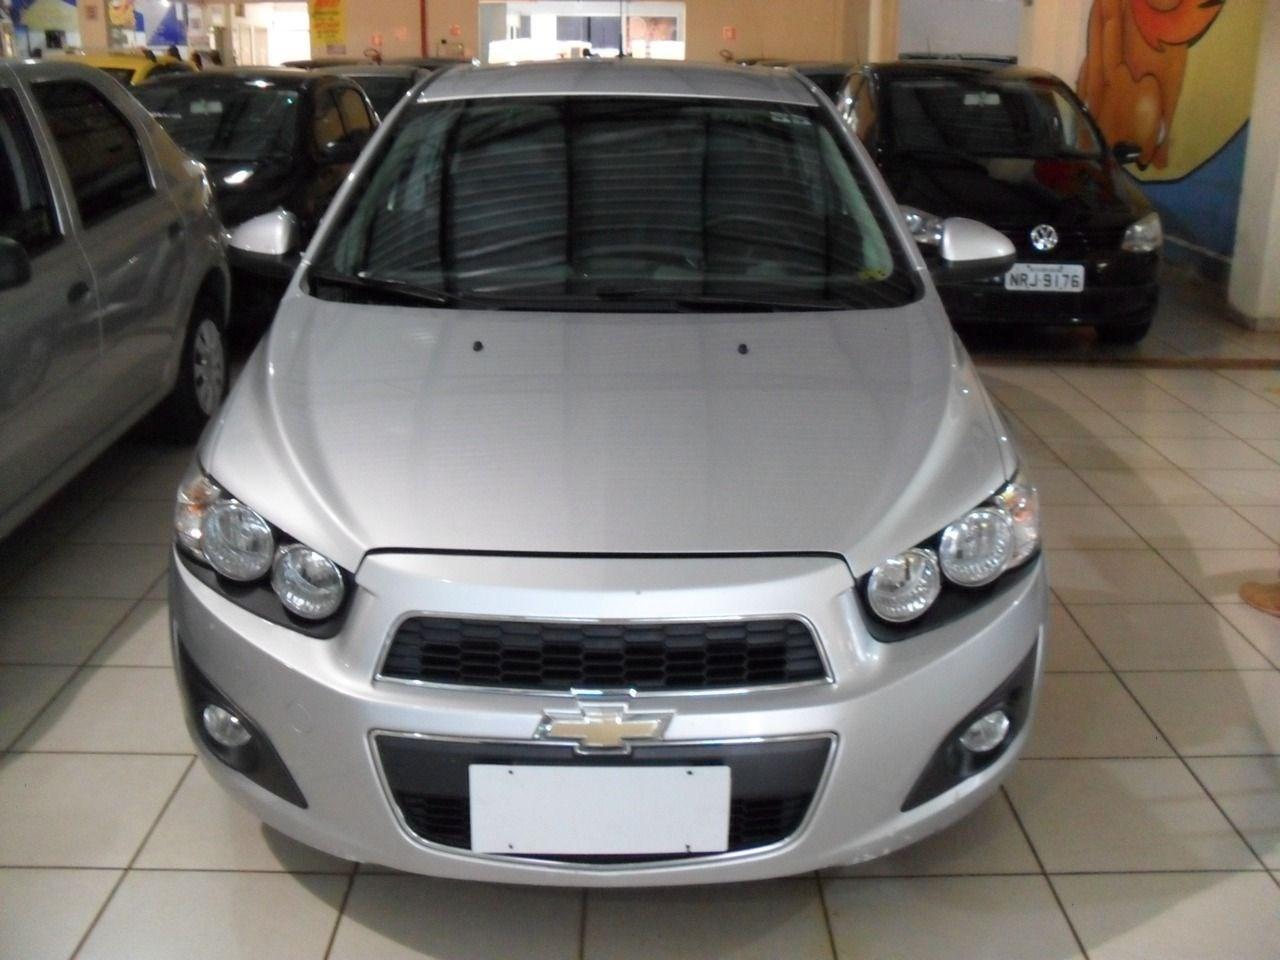 //www.autoline.com.br/carro/chevrolet/sonic-16-sedan-ltz-16v-flex-4p-automatico/2014/ribeirao-preto-sp/13577590